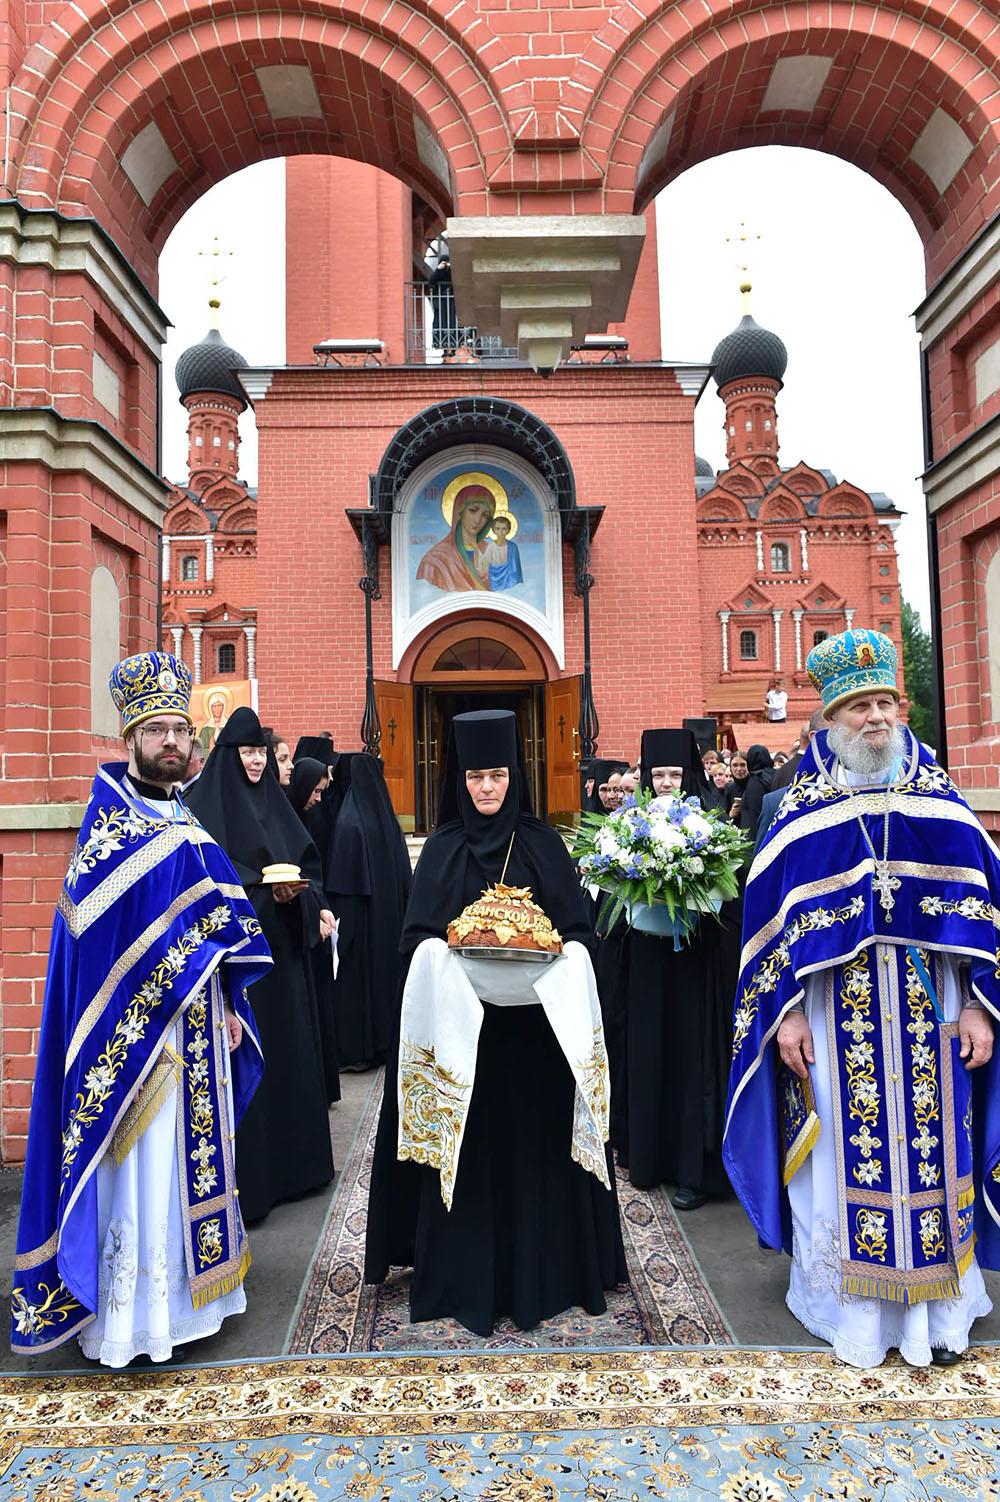 В праздник Казанской иконы Божией Матери Святейший Патриарх Кирилл возглавил Божественную литургию на подворье Покровского монастыря в селе Марково